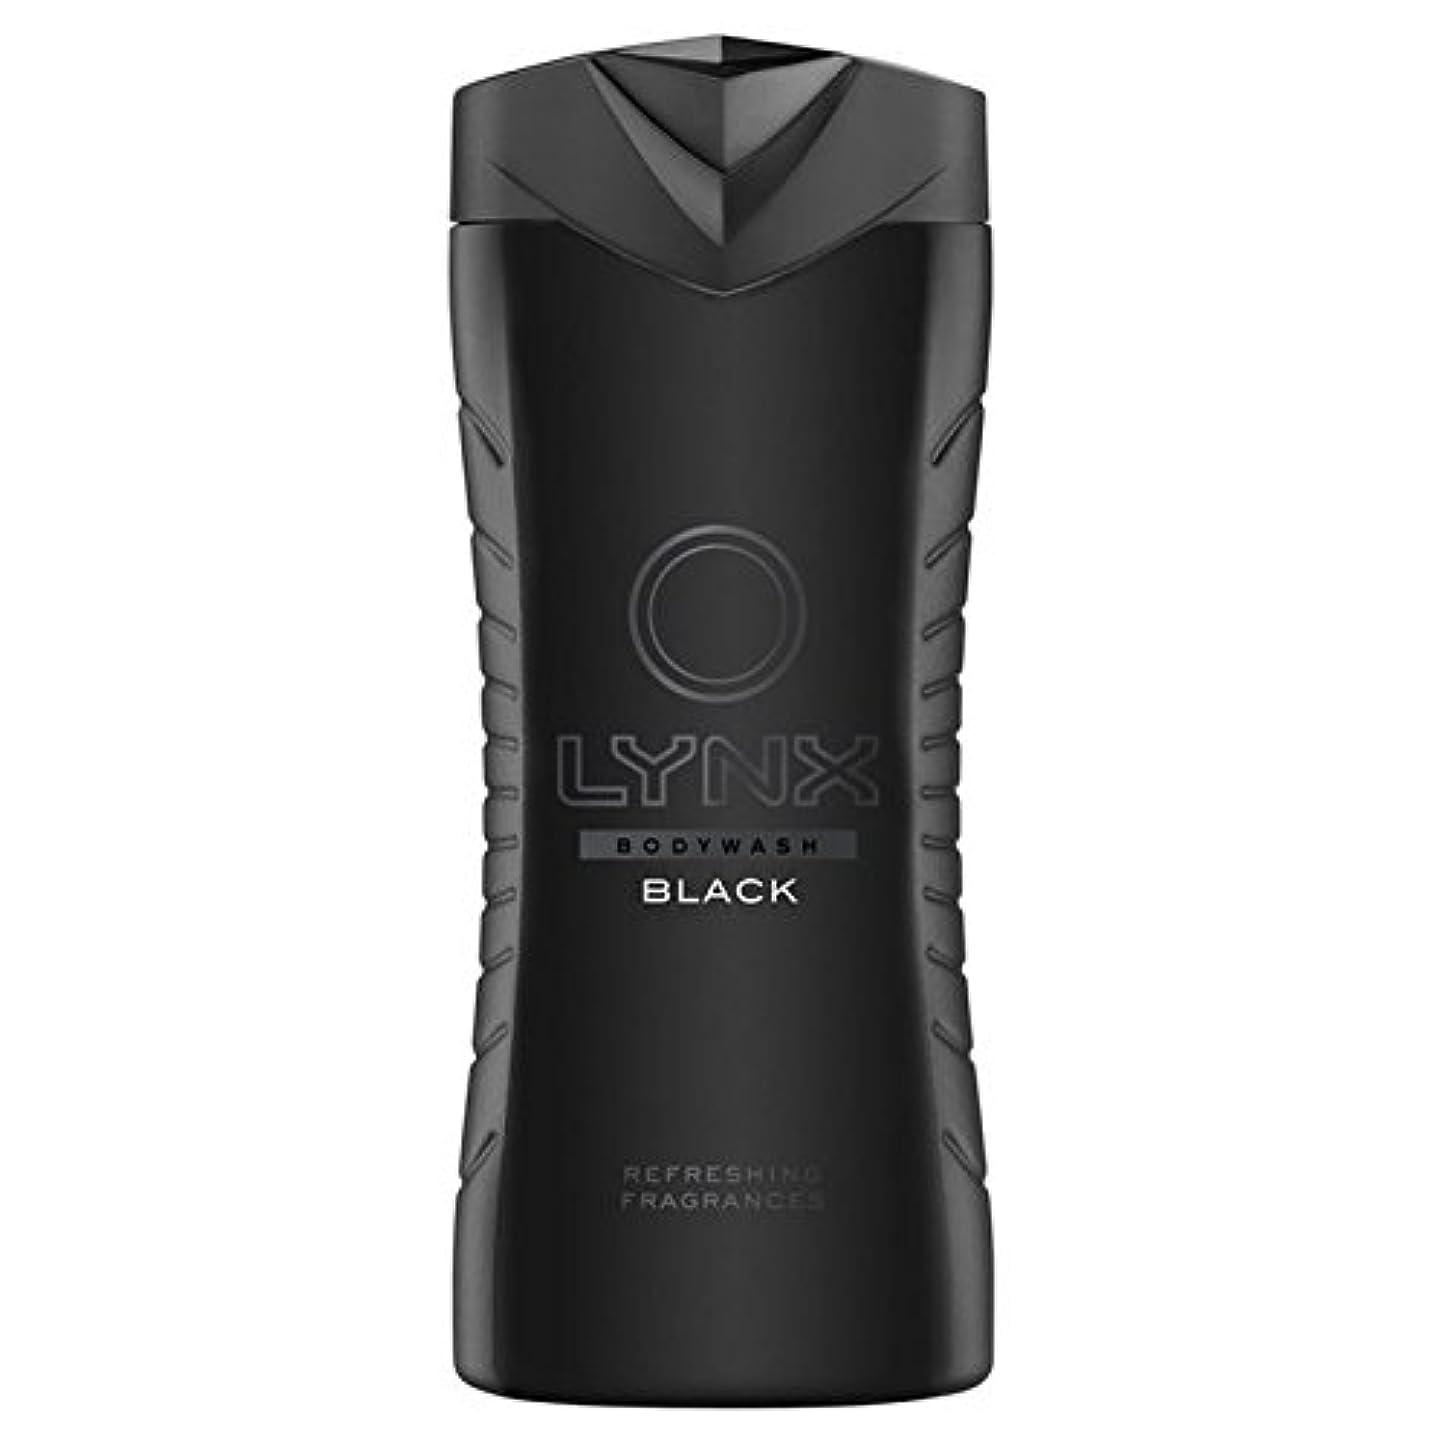 苦子供達スペシャリストLynx Black Shower Gel 400ml - オオヤマネコブラックシャワージェル400ミリリットル [並行輸入品]